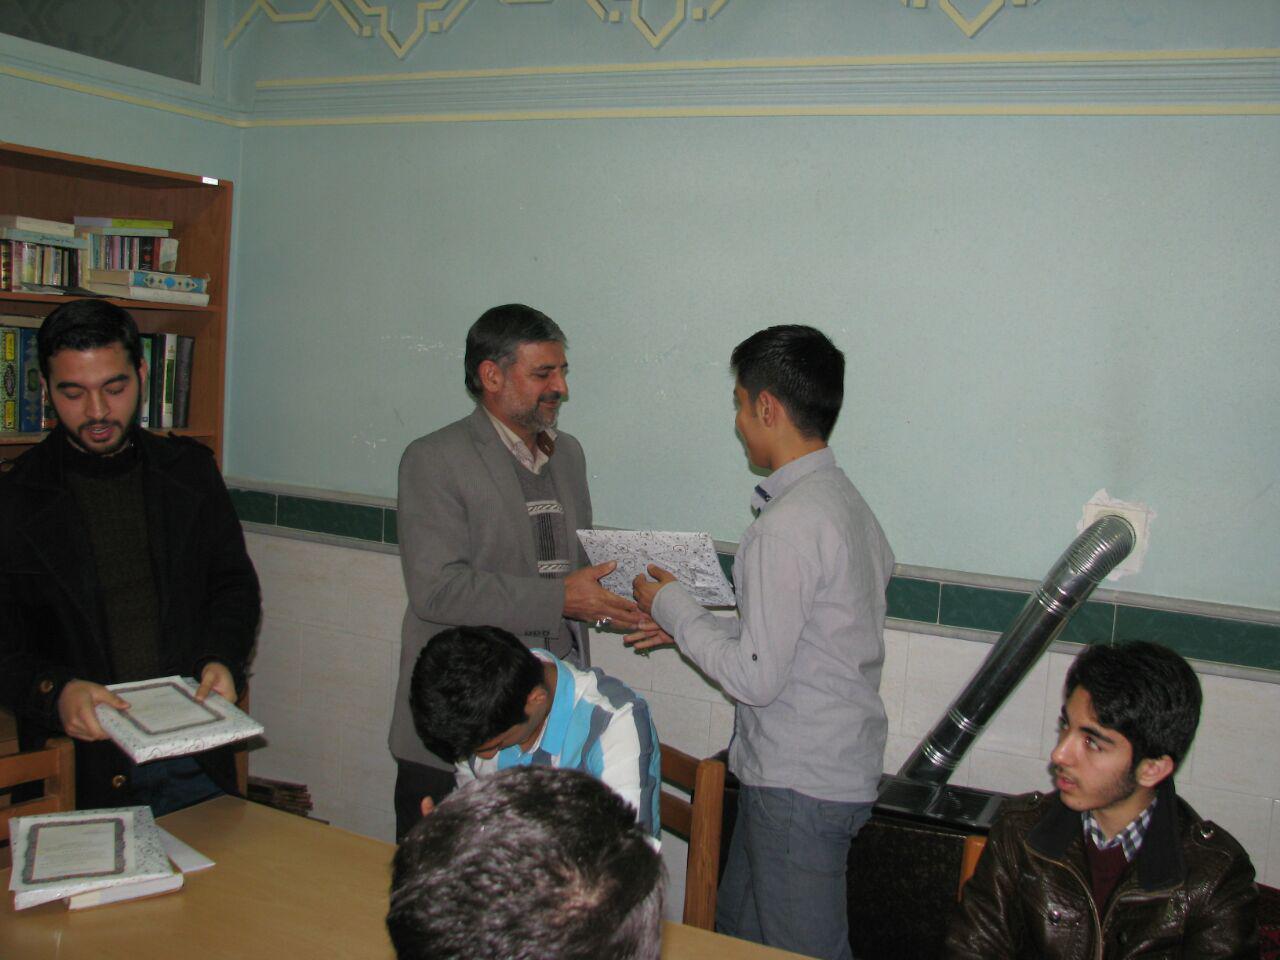 جلسه شورای دانش اموزی دارلقرآن مهدیشهر